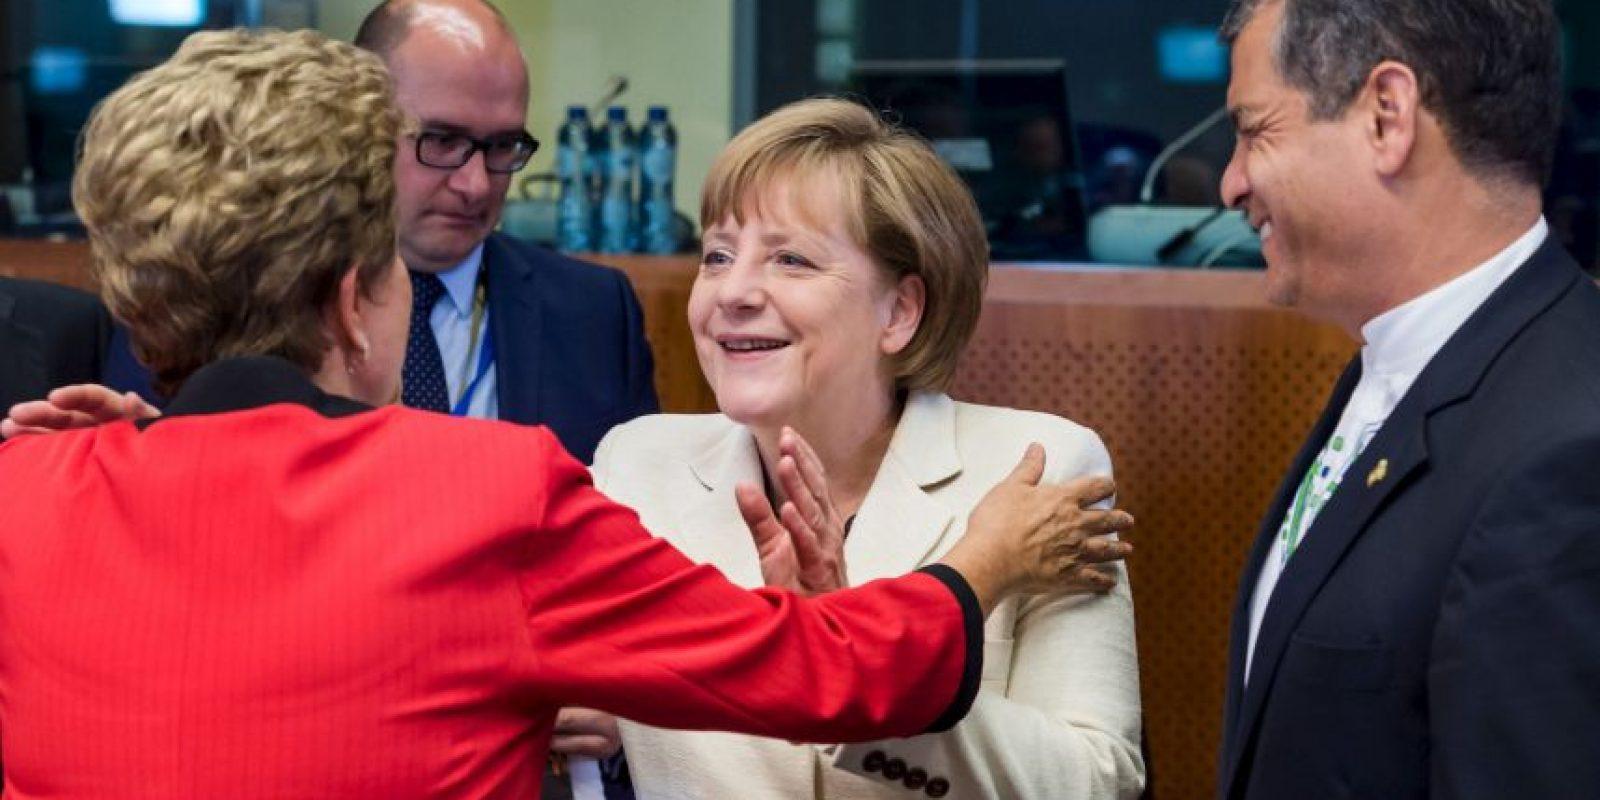 5. Datos y cifras de esta reunión Foto:AP